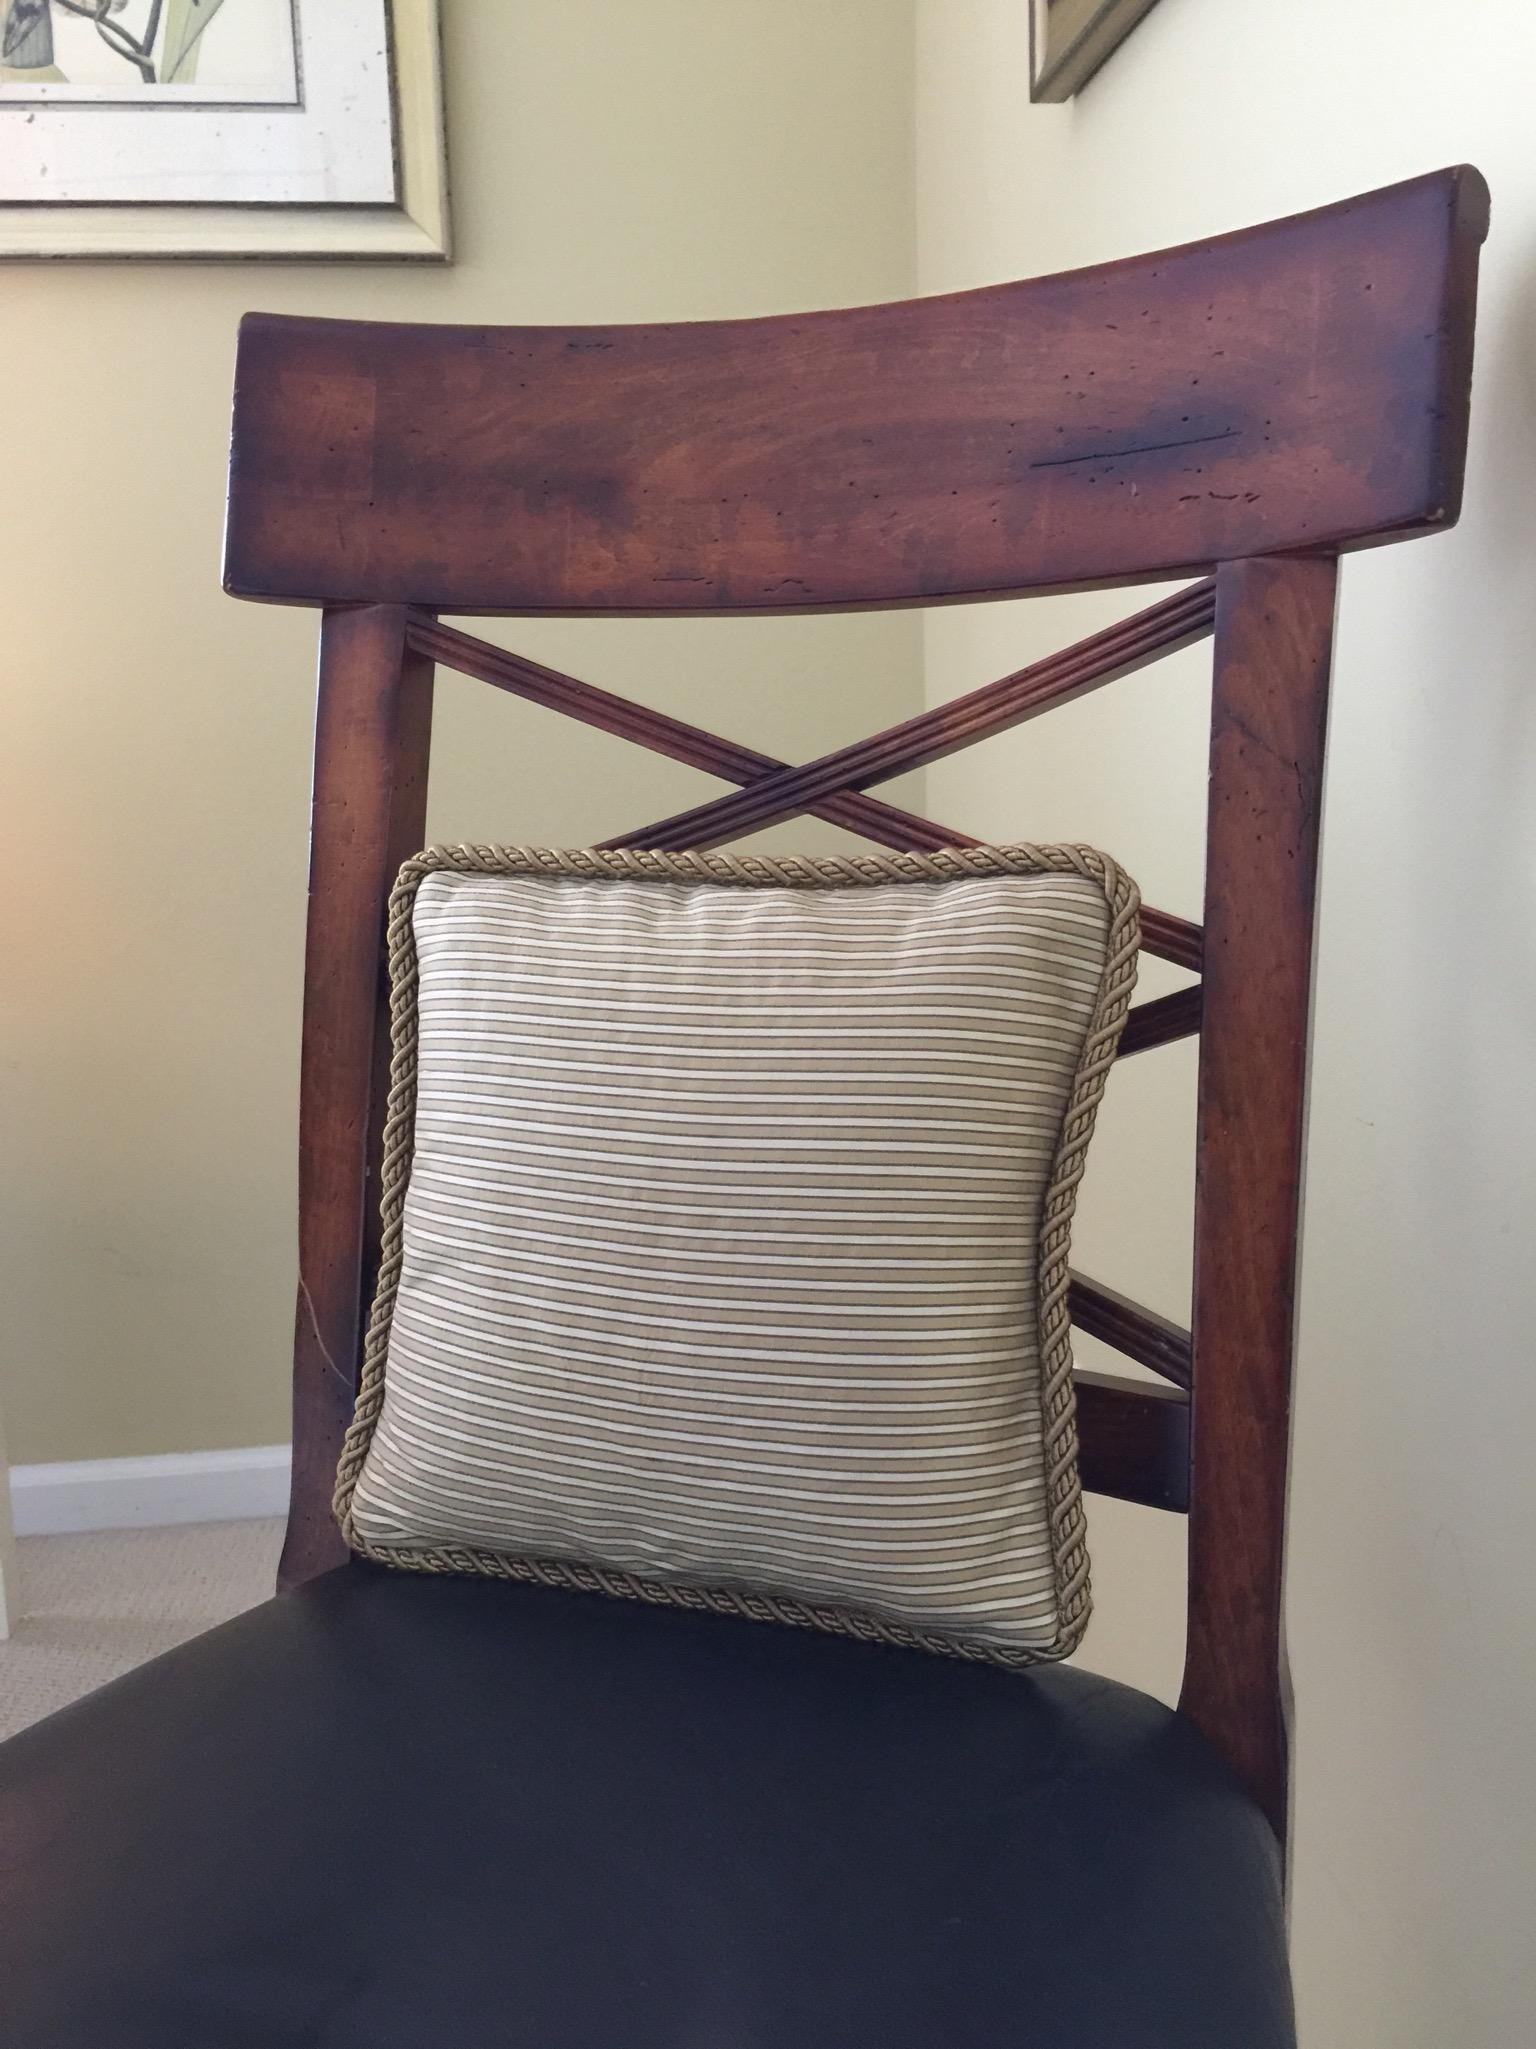 pillow on desk chair.jpg